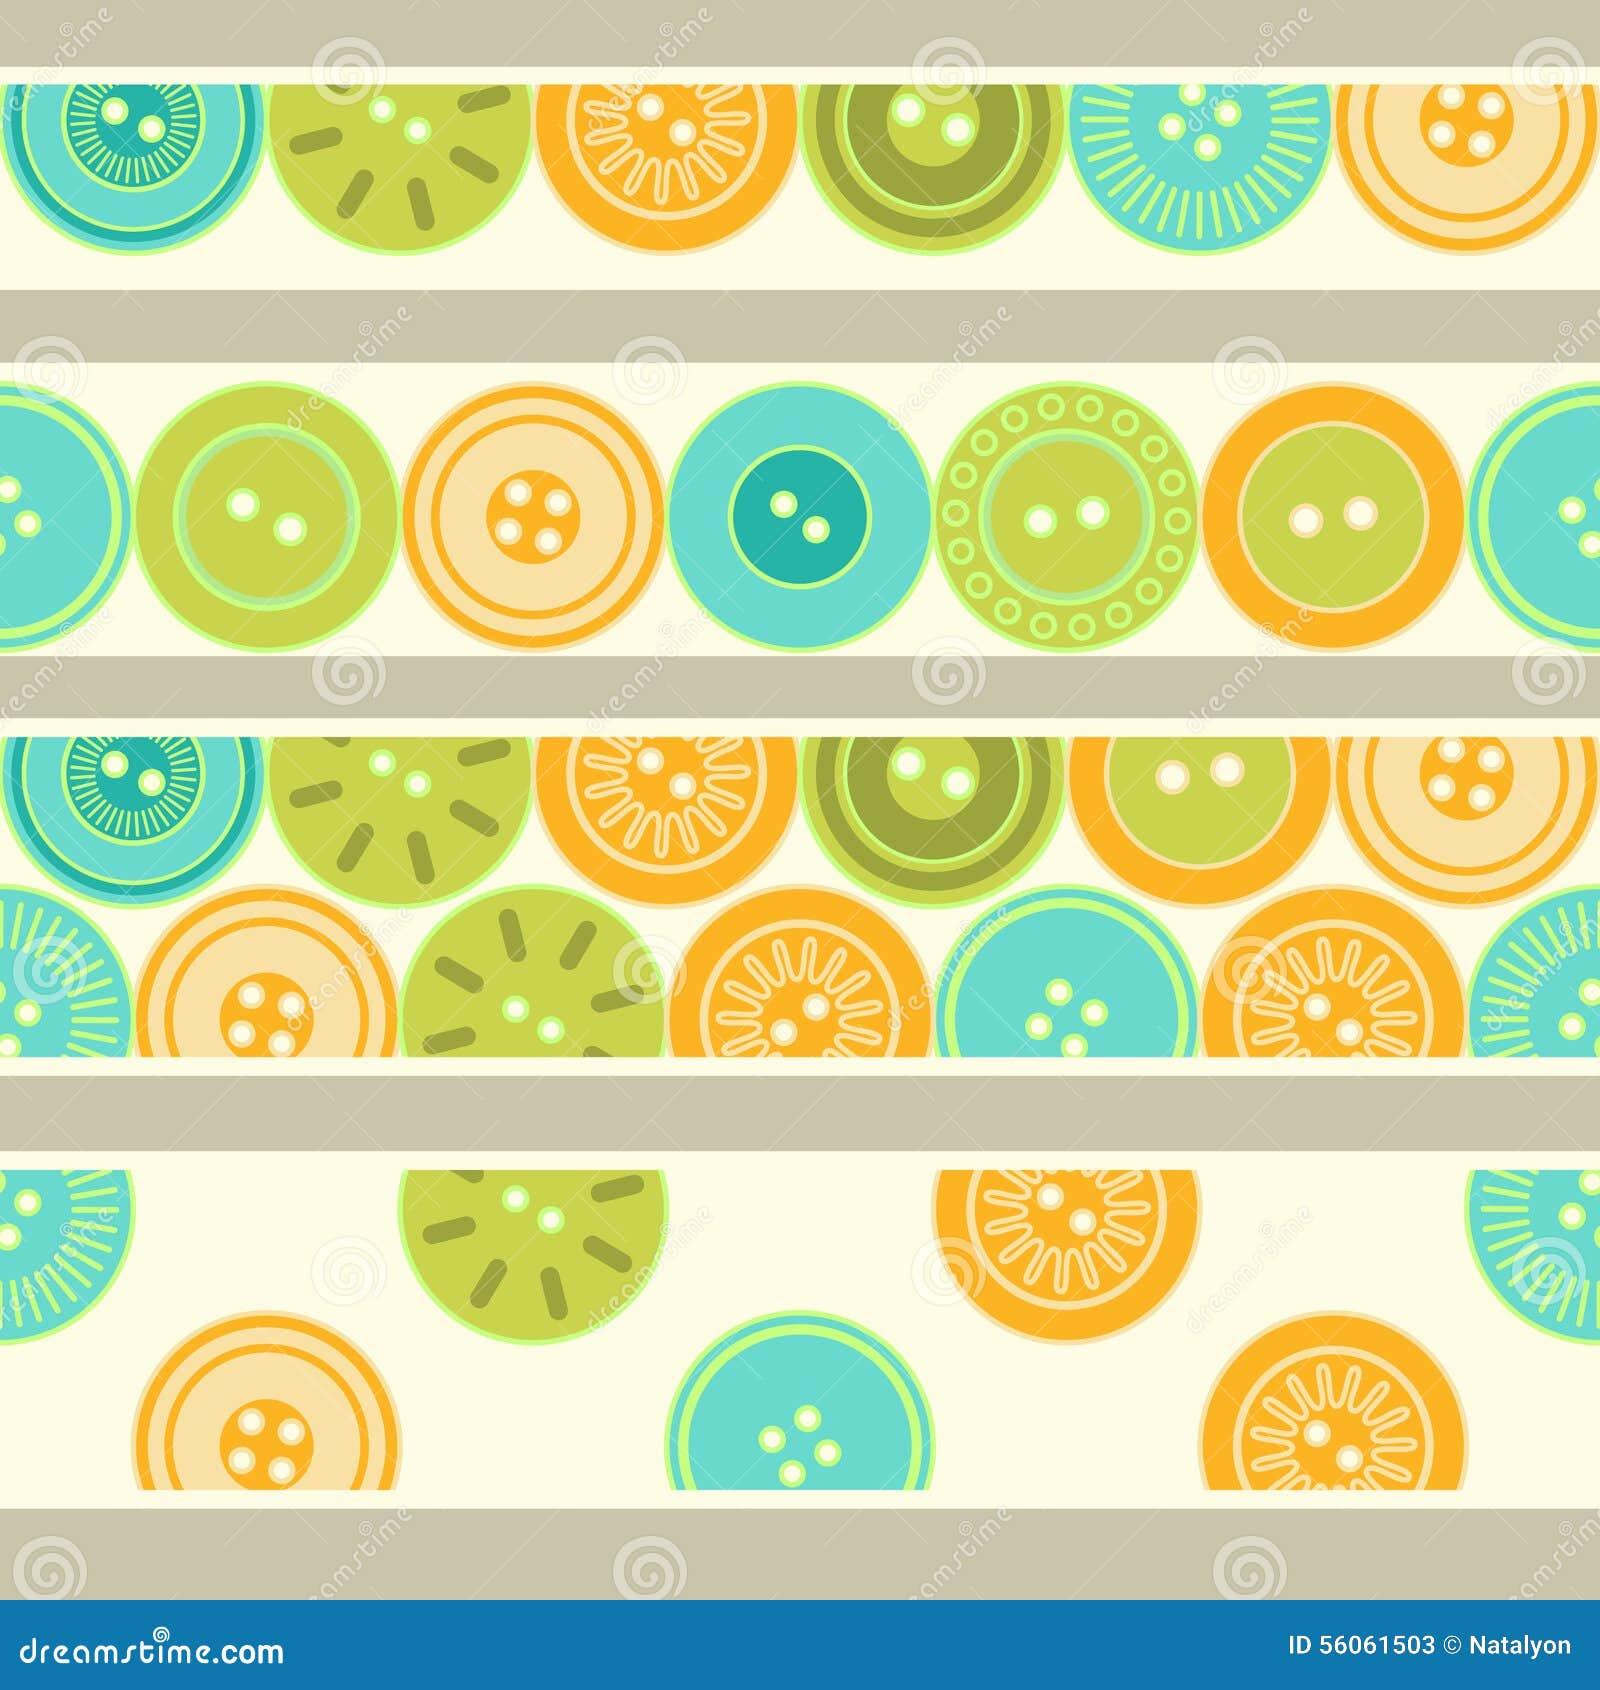 Kleurrijke blauwgroene en oranje knopen op witte naadloze geplaatste grenzen, vector